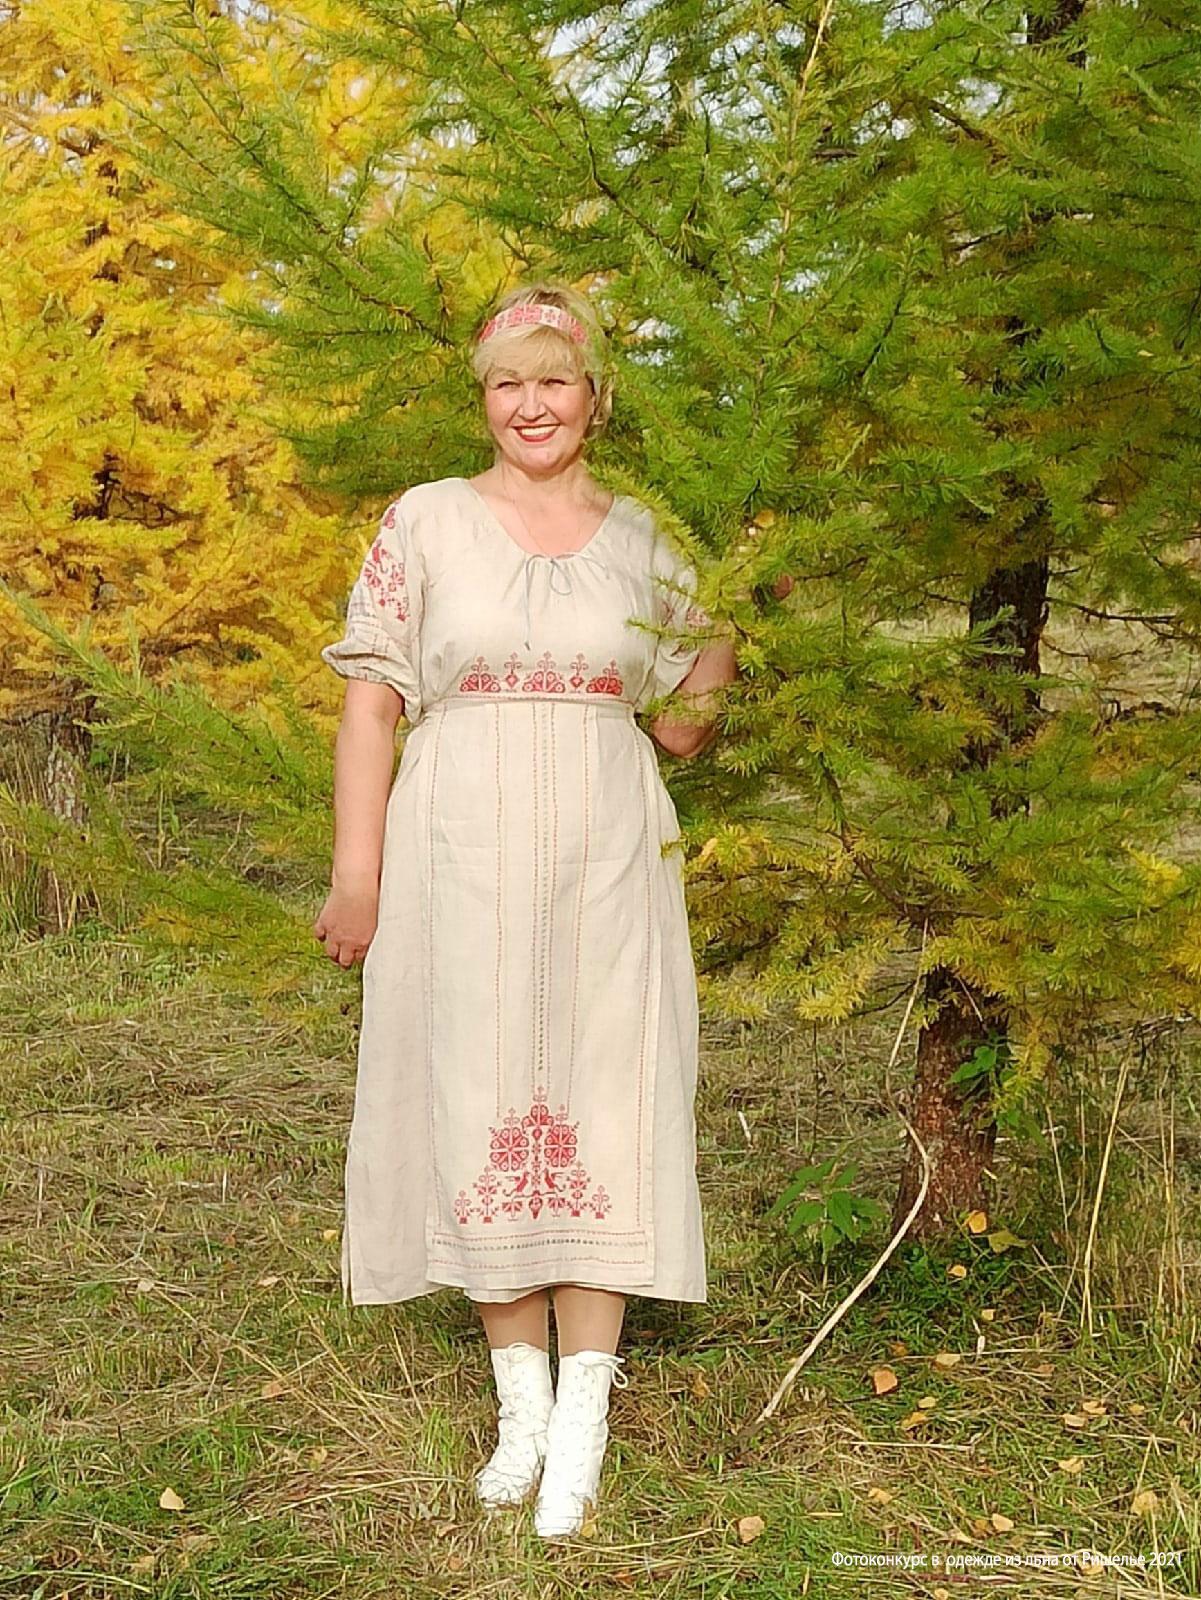 Купить платье в русском стиле из льна Россиянка с красной вышивкой в Москве в интернет-магазине | Фабрика Ришелье